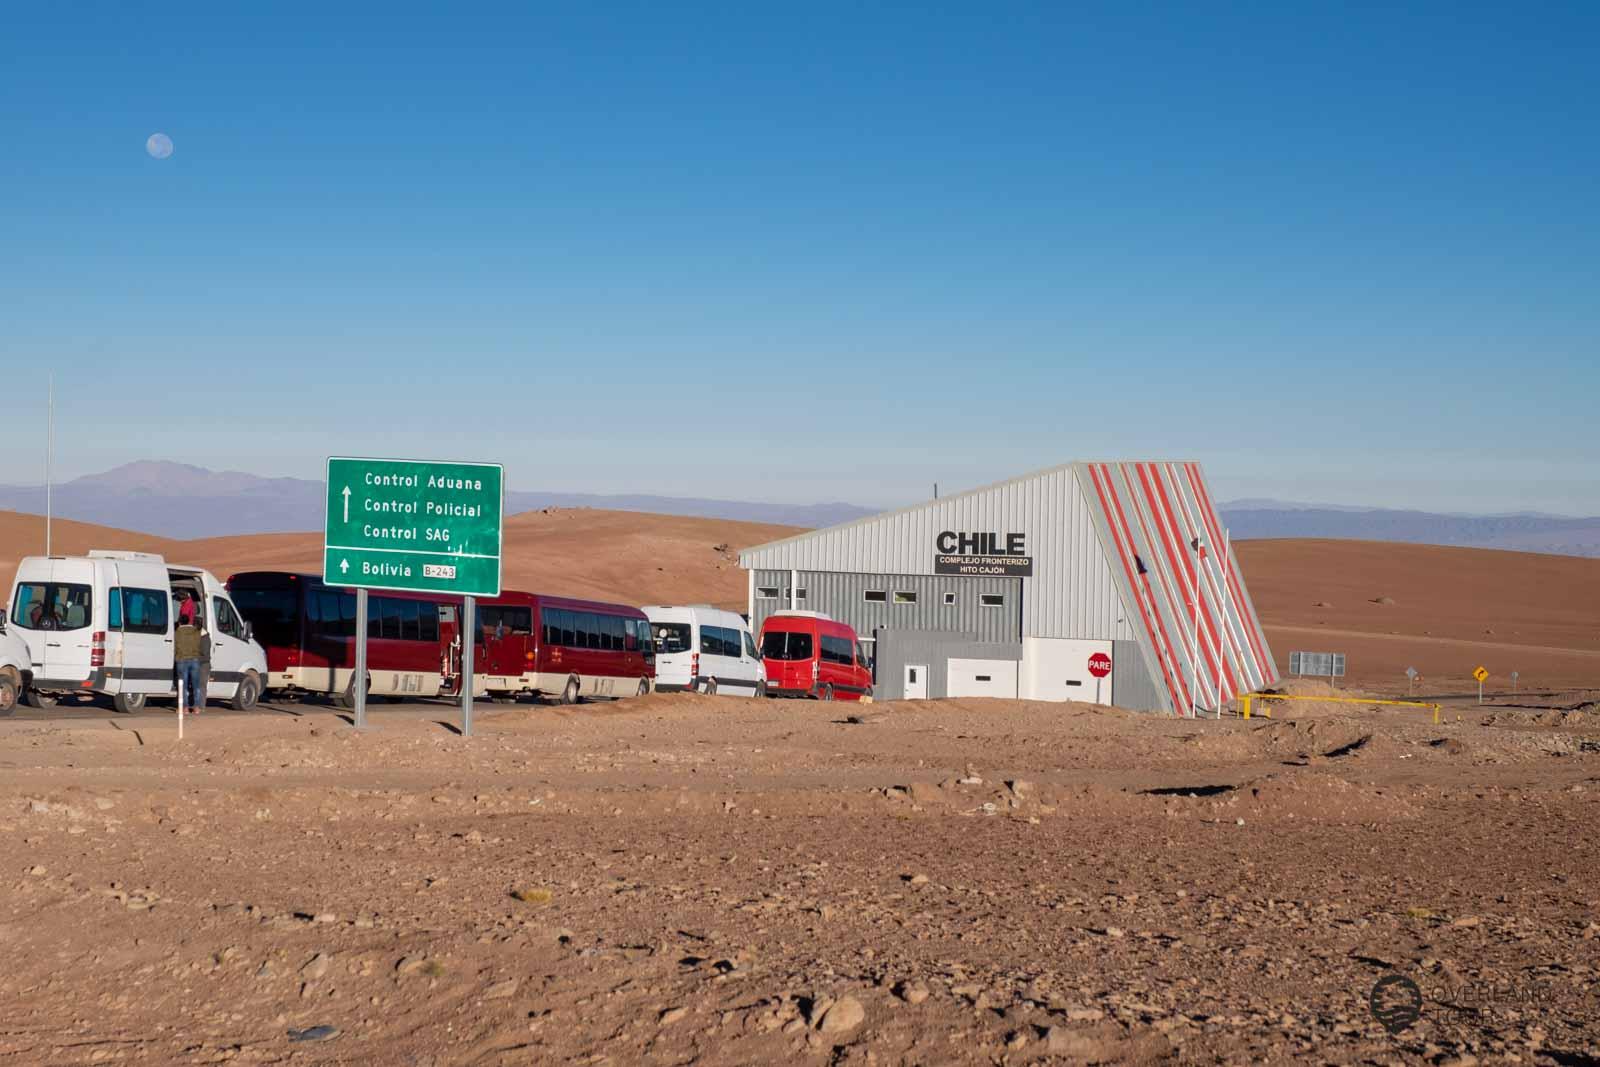 Die Grenzstation von Chile auf guten 3500 Meter Höhe